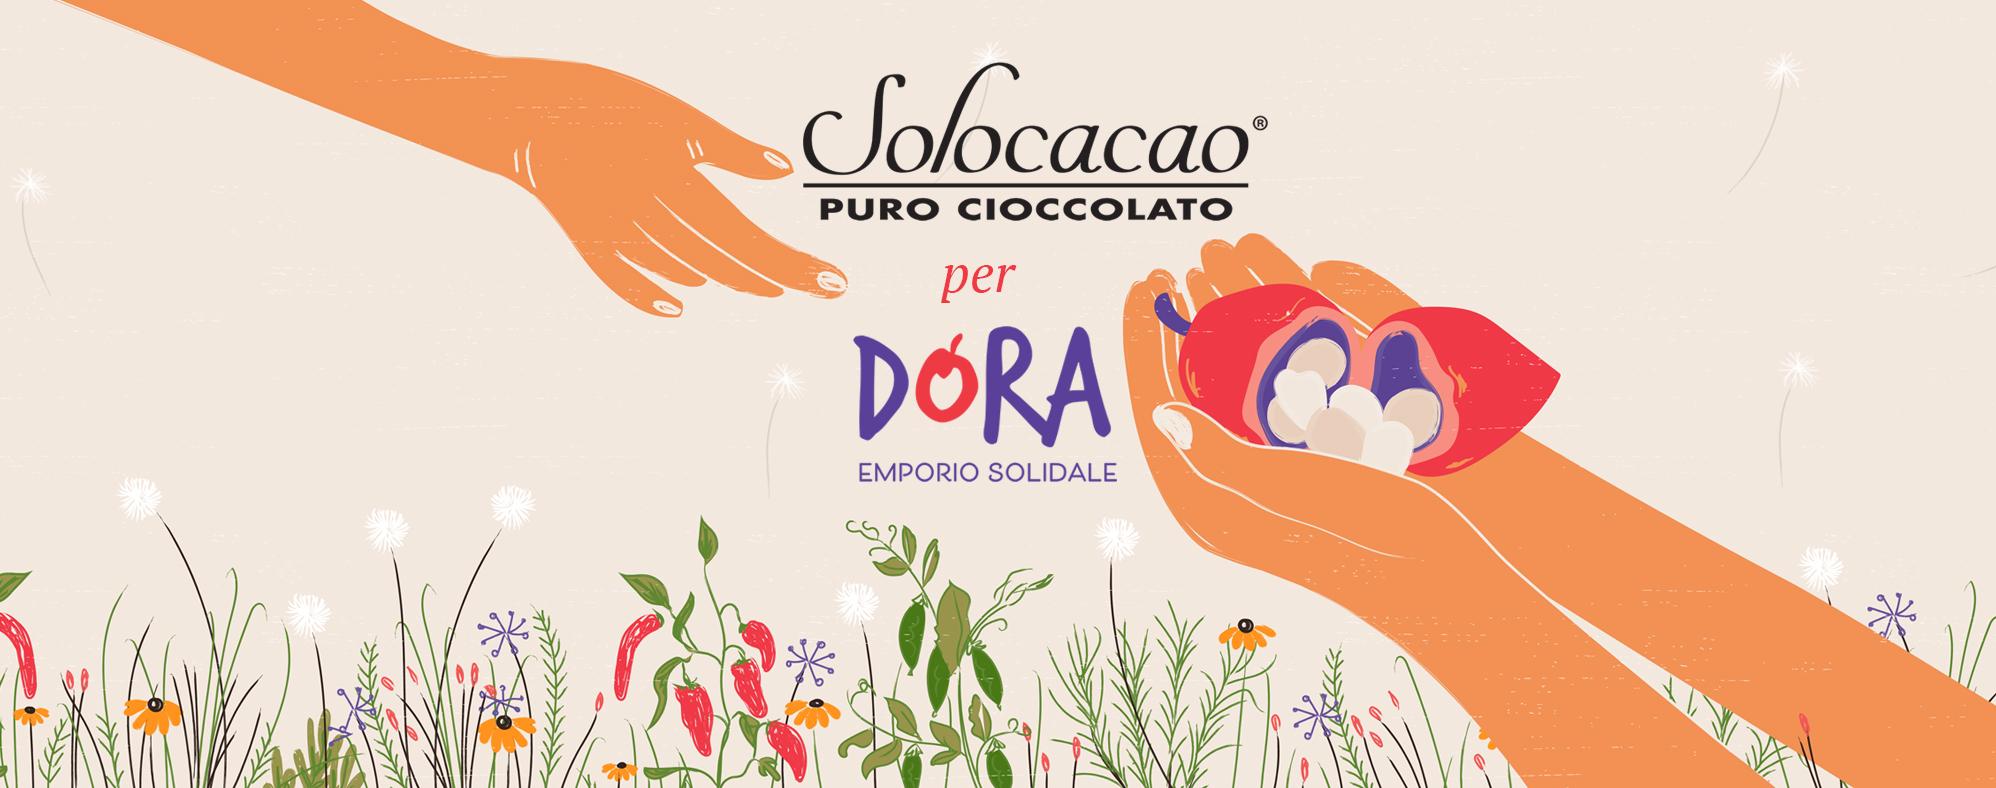 Una tavoletta di cioccolato per Dora